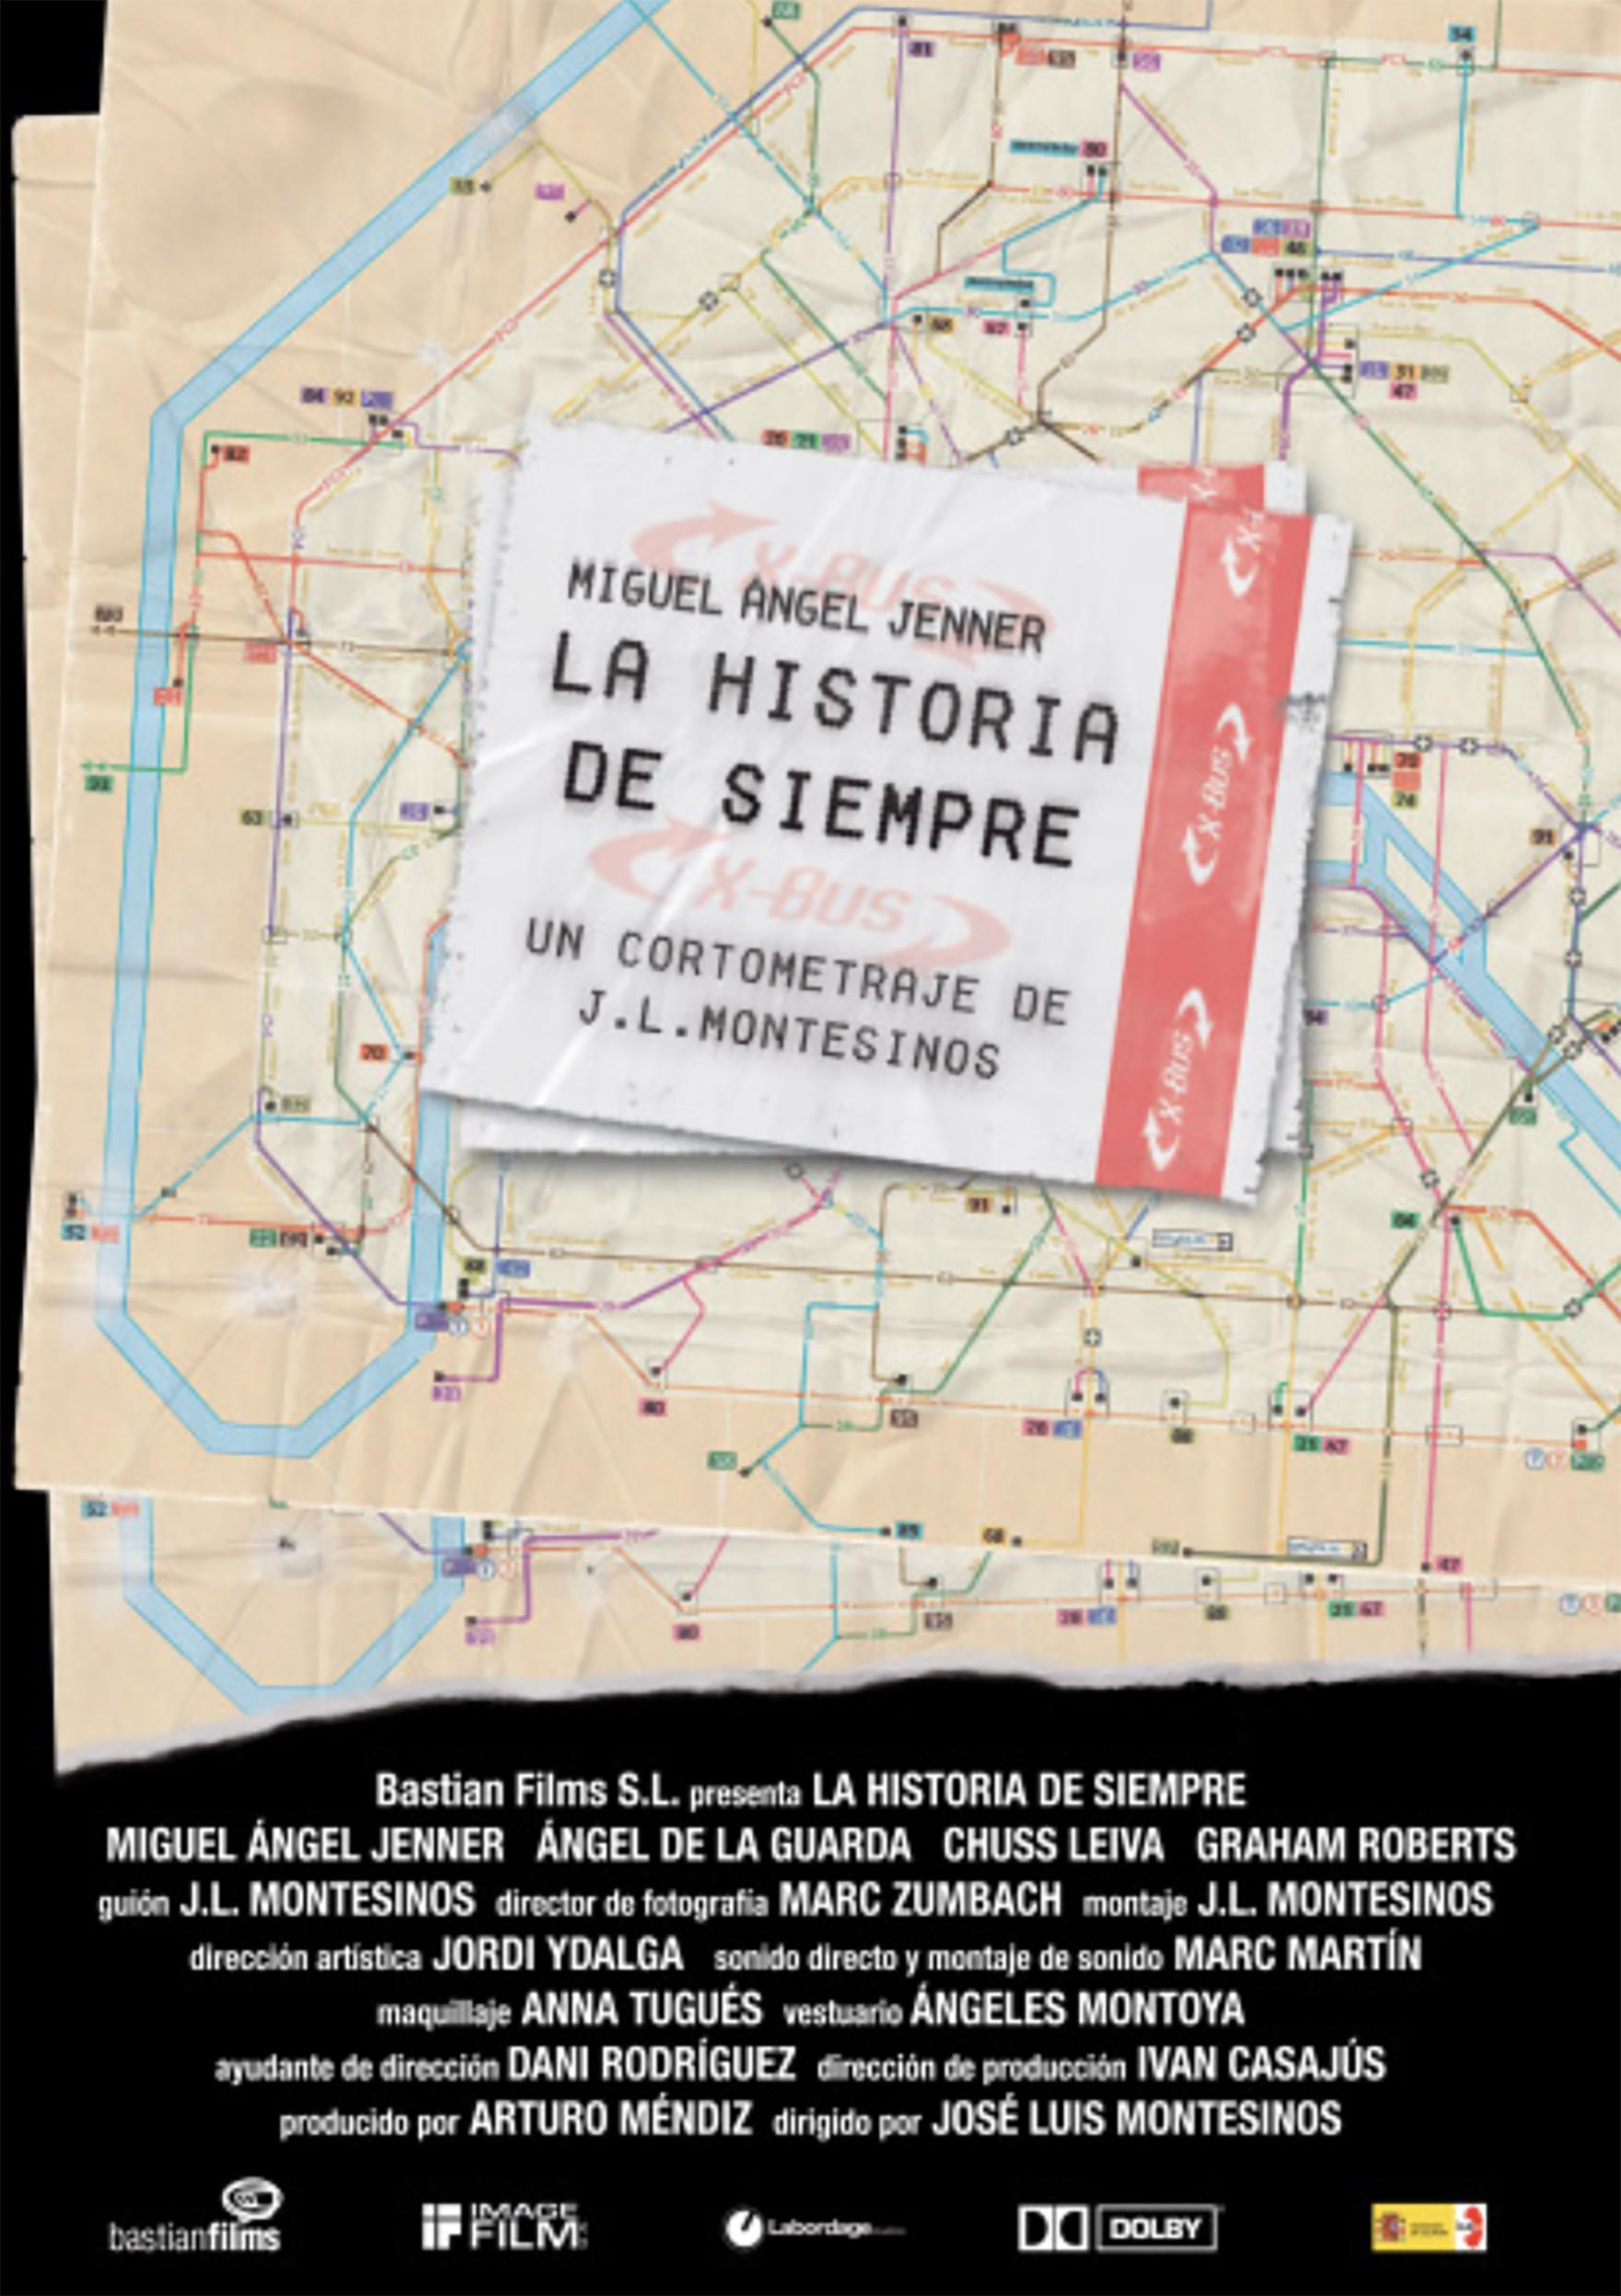 Cartel La historia de siempre, de José Luis Montesinos